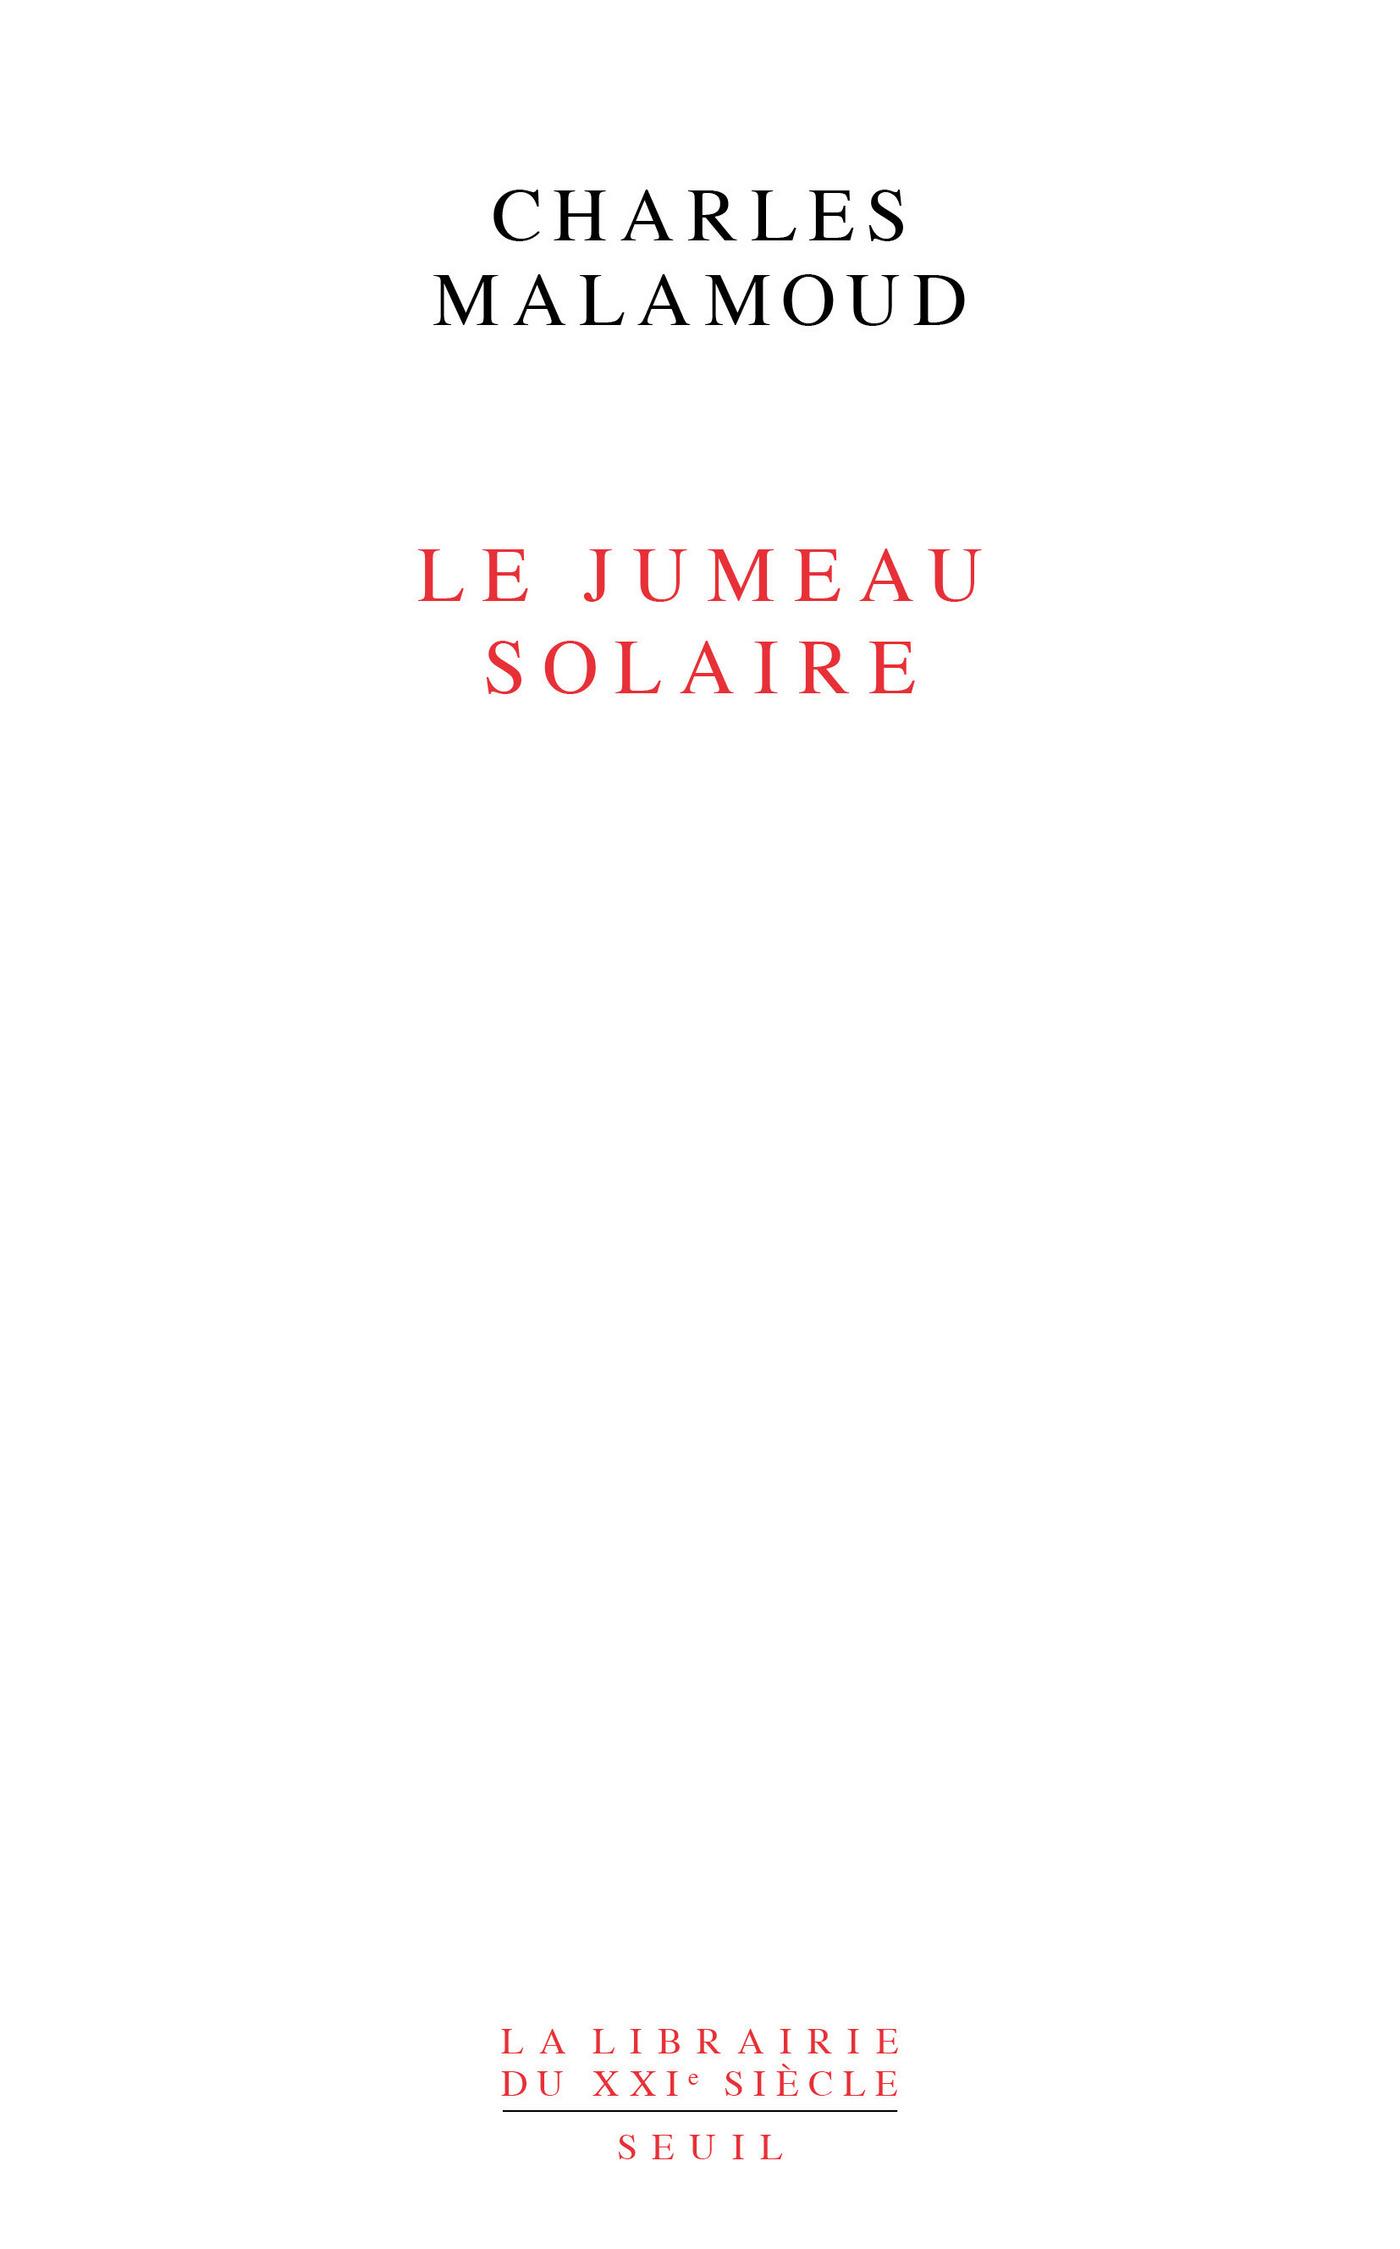 Le Jumeau solaire